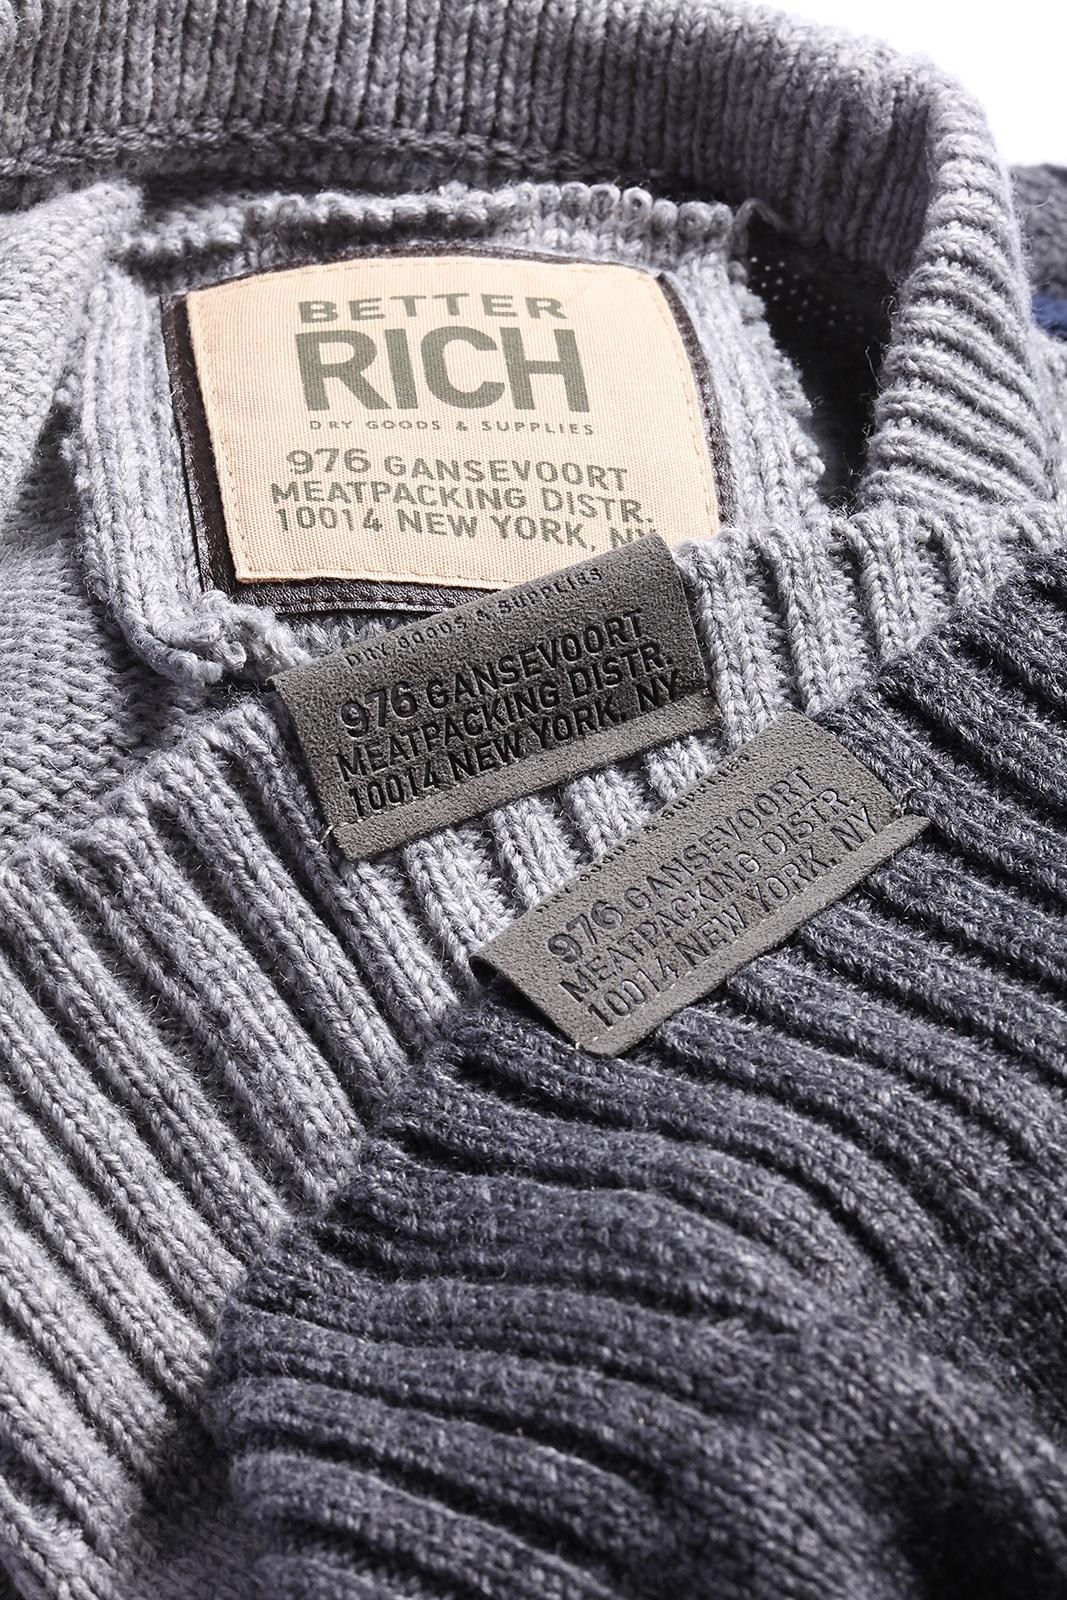 Better Rich 09